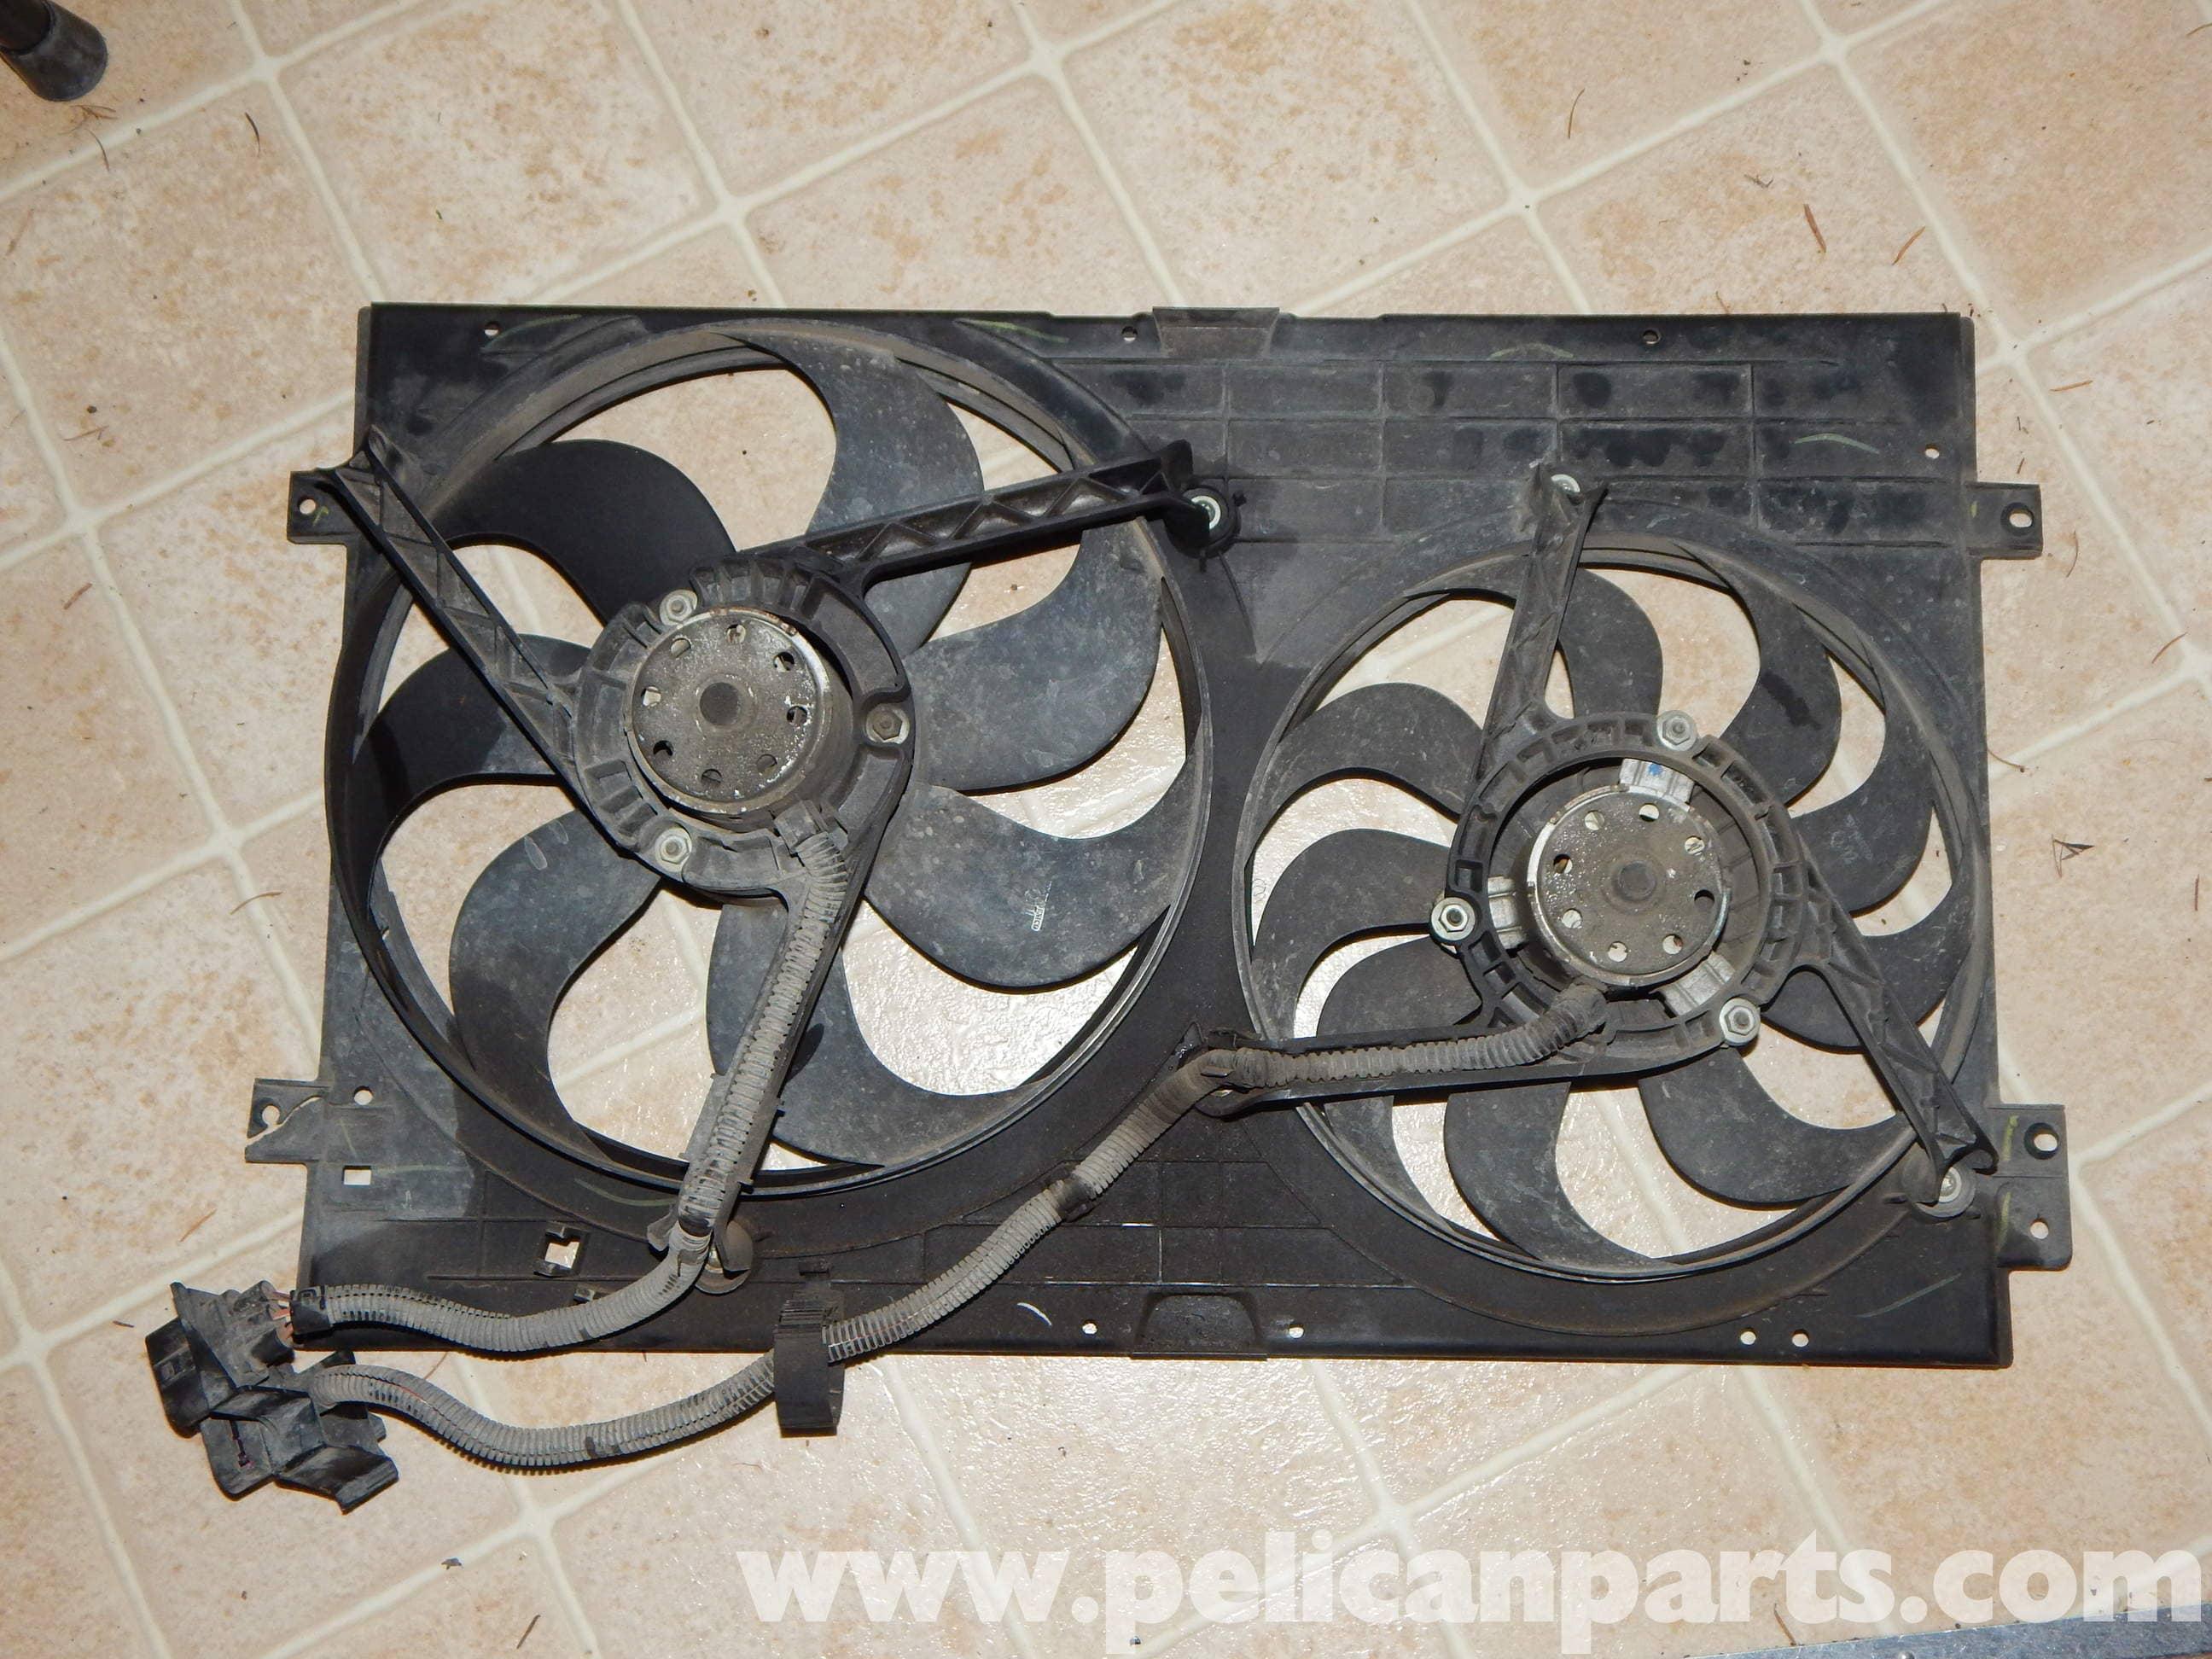 Volkswagen Jetta Mk4 Radiator Fan Replacement Jetta Mk4